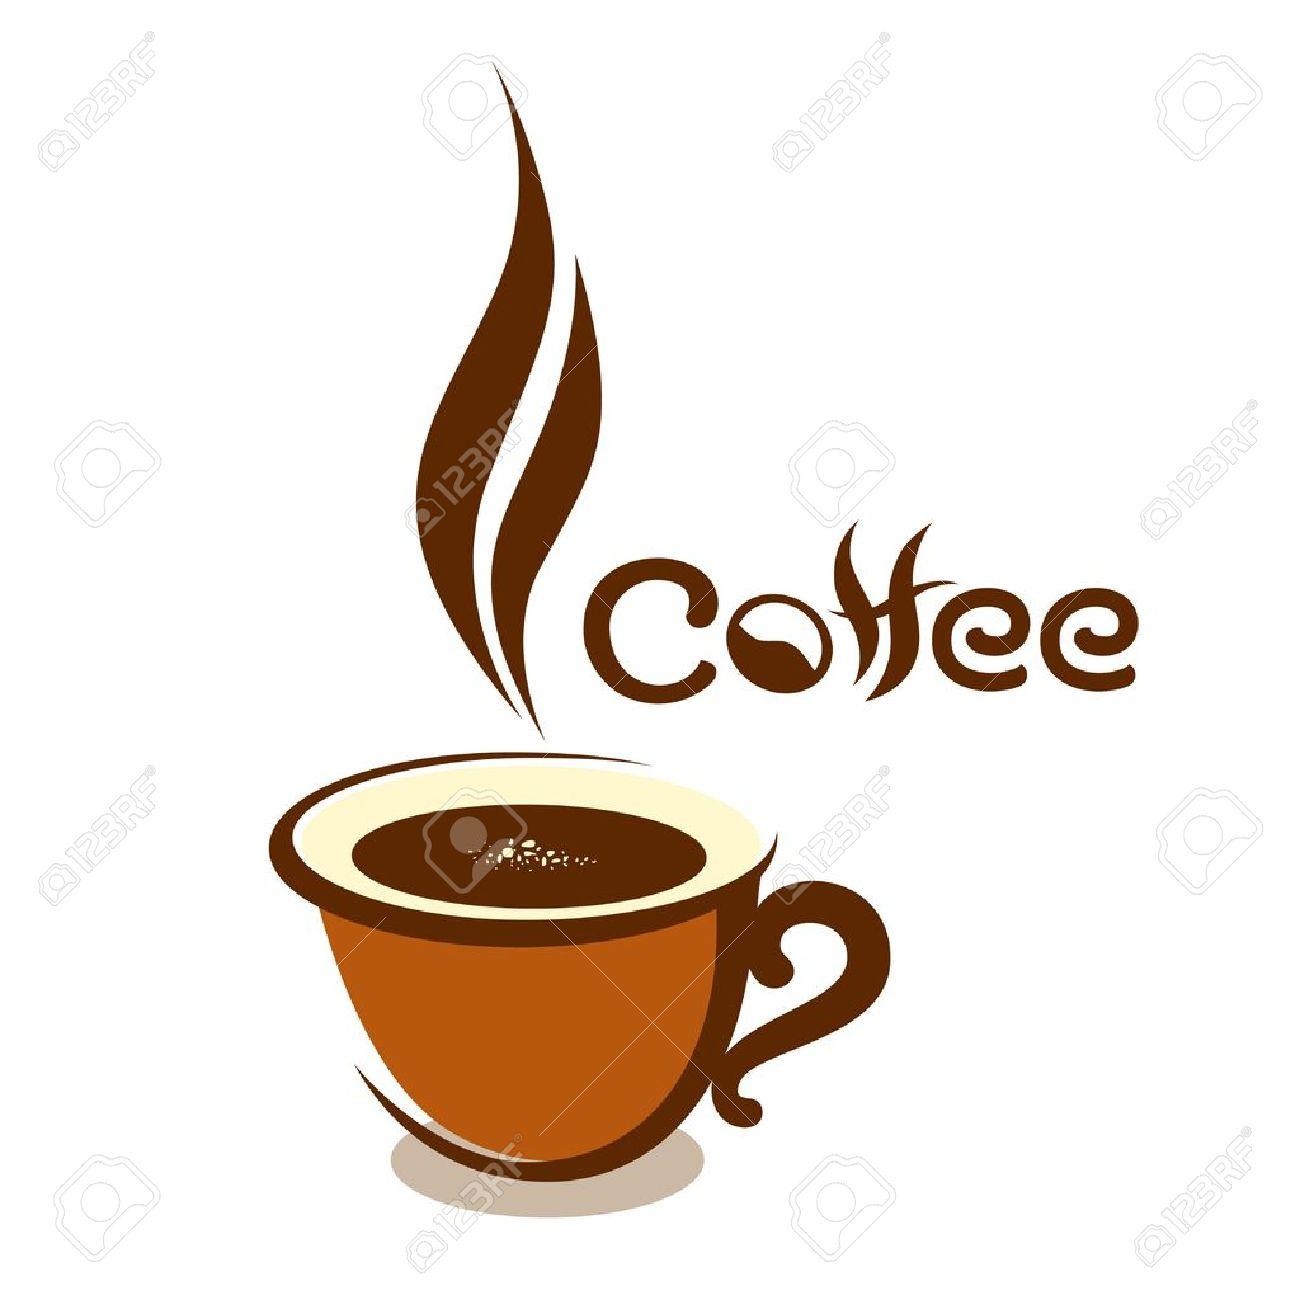 Vettoriale Caffè Tazza Disegno Illustrazione Vettoriale Image